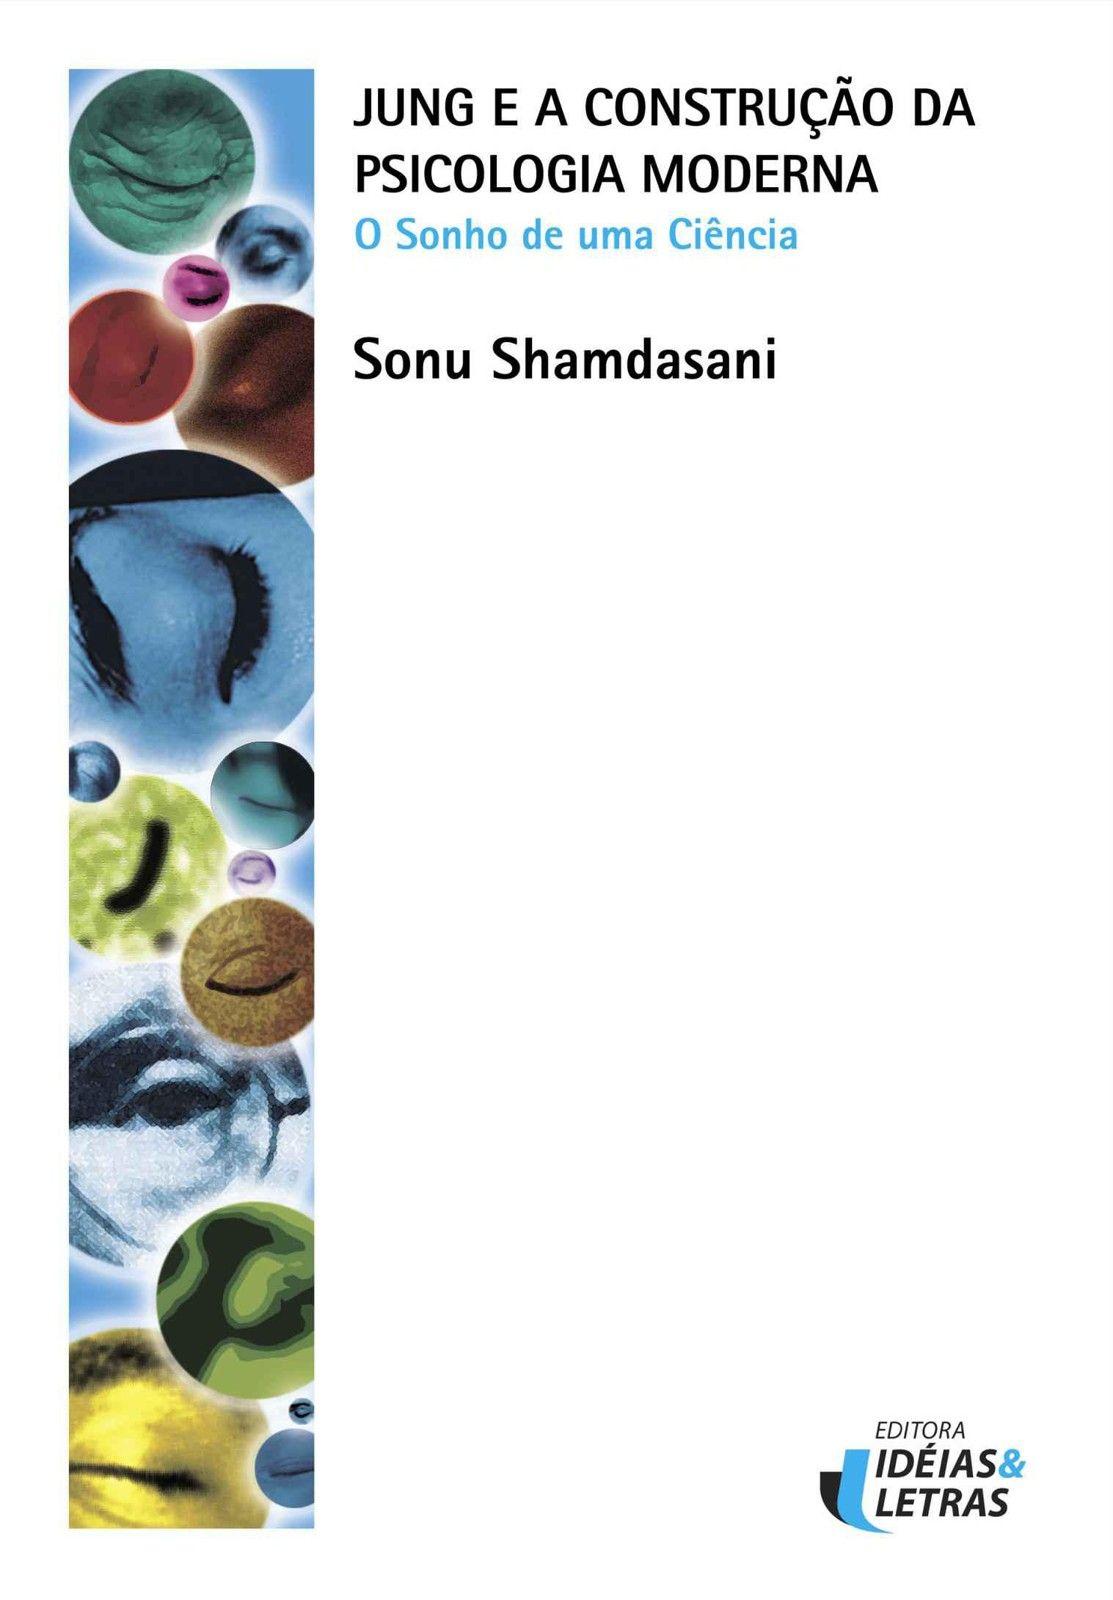 Download livro Jung e a Construcao da Psicologia Moderna - Sonu Shamdasani em epub mobi e pdf